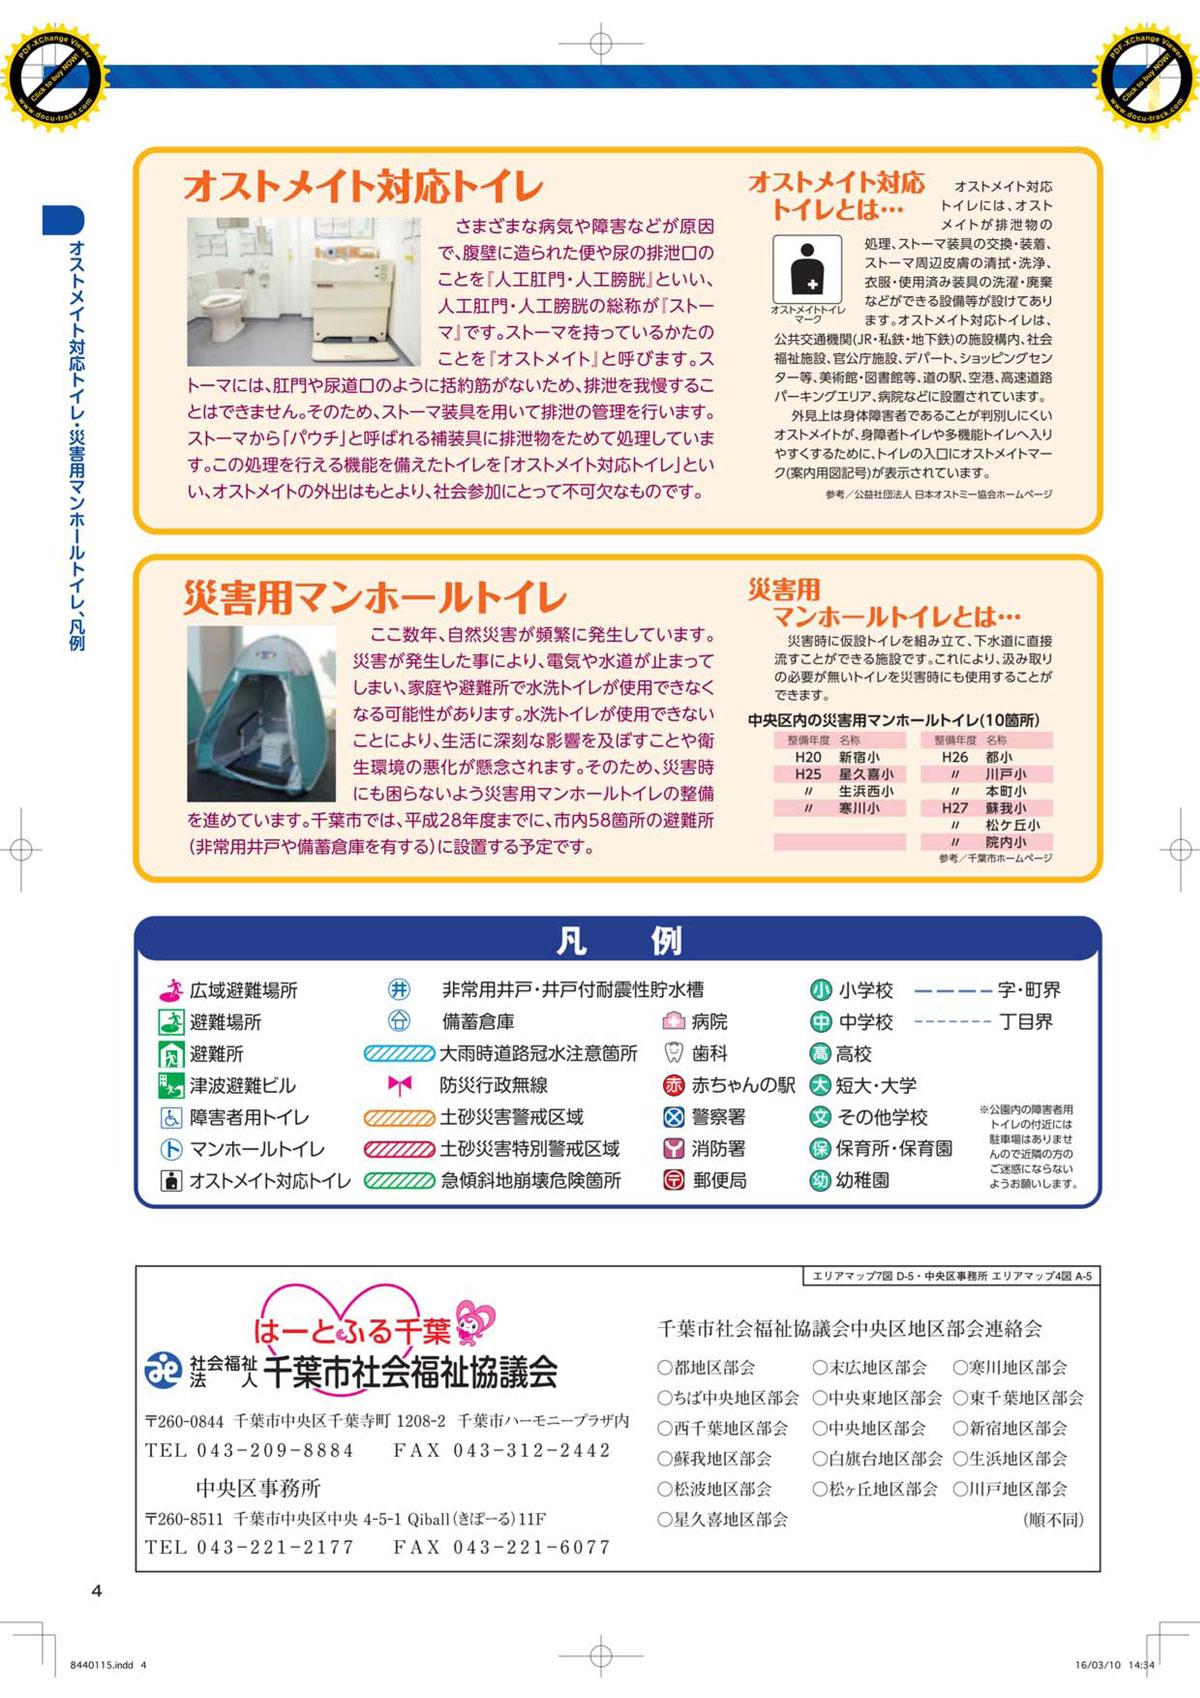 千葉市中央区ふくし・防災ガイド・マップ